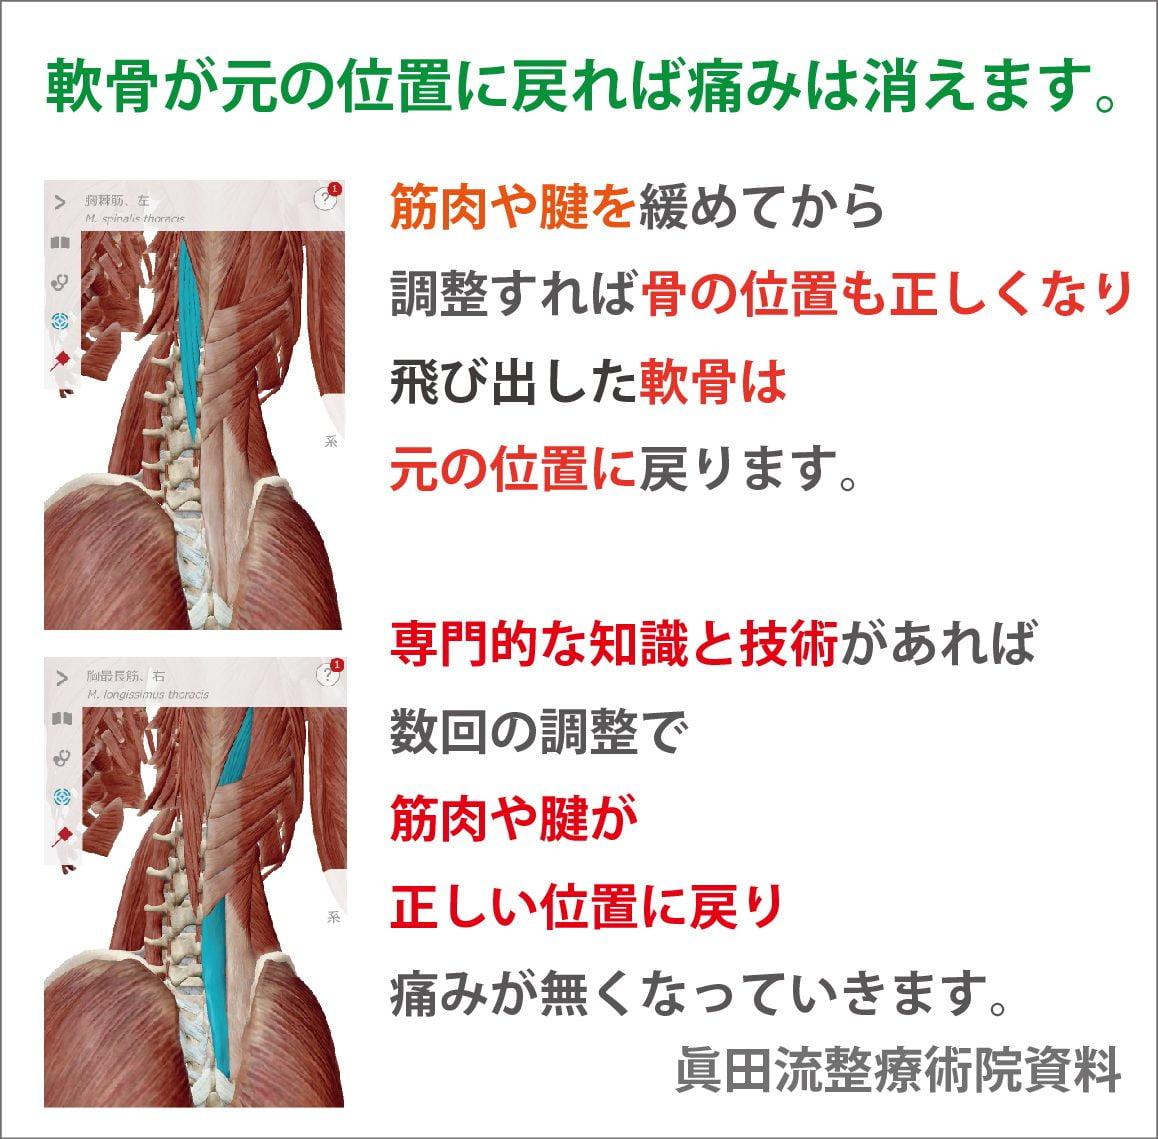 筋肉や腱のコリを緩めて正しい位置に調えると